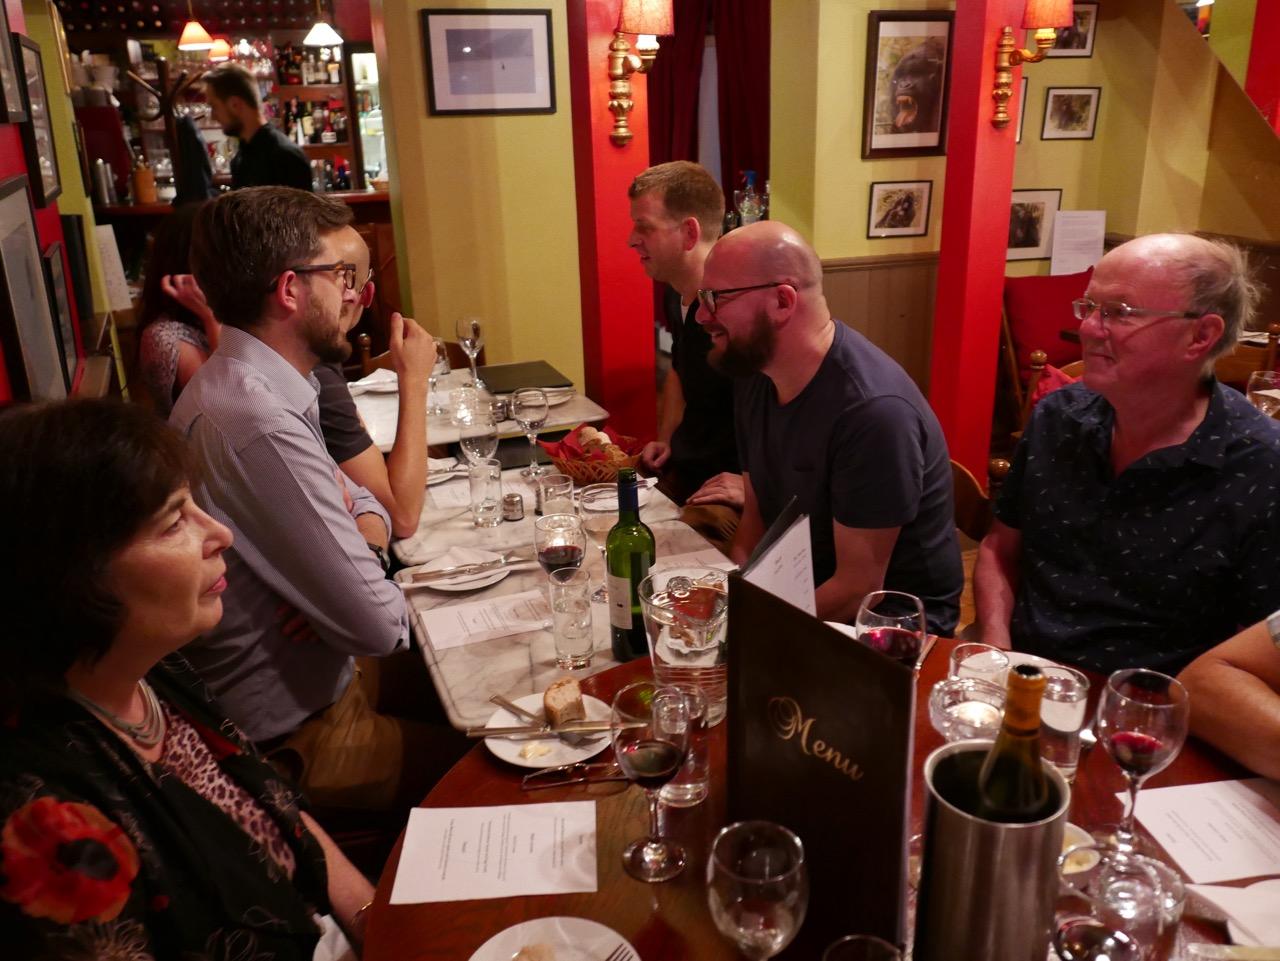 Gospel_Oak_Labour_Party_fundraising_dinner_at_Ravels_(3).jpg